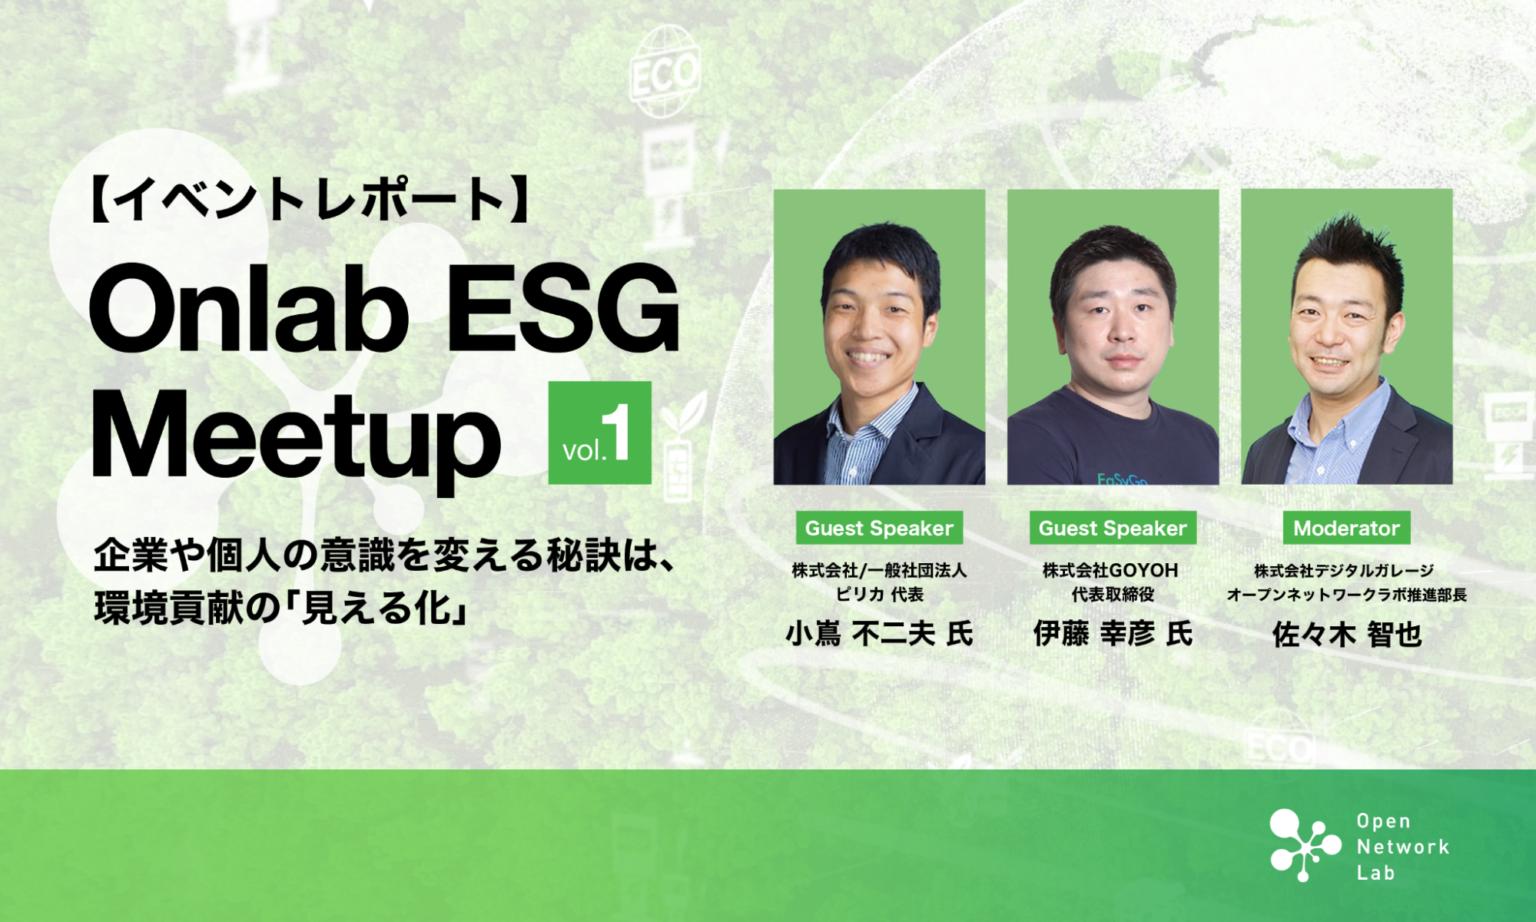 【イベントレポート】Onlab ESG Meetup vol.1 |企業や個人の意識を変える秘訣は、環境貢献の「見える化」